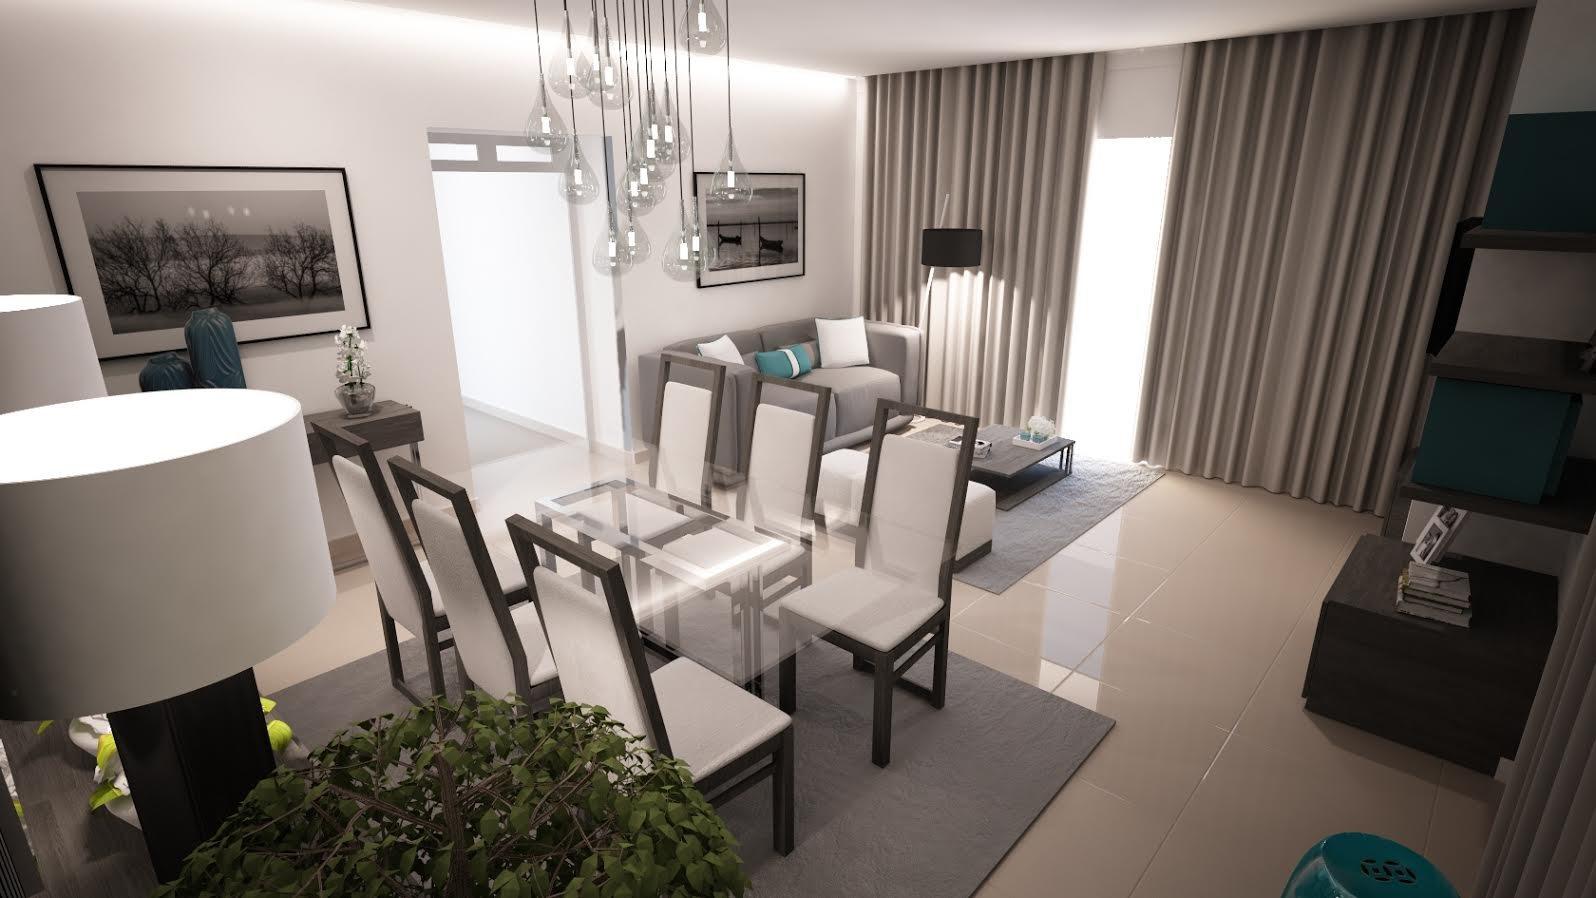 Ângela Pinheiro - Decoração de Interiores - Home Design - Decoração de Interiores - Sala Black and White